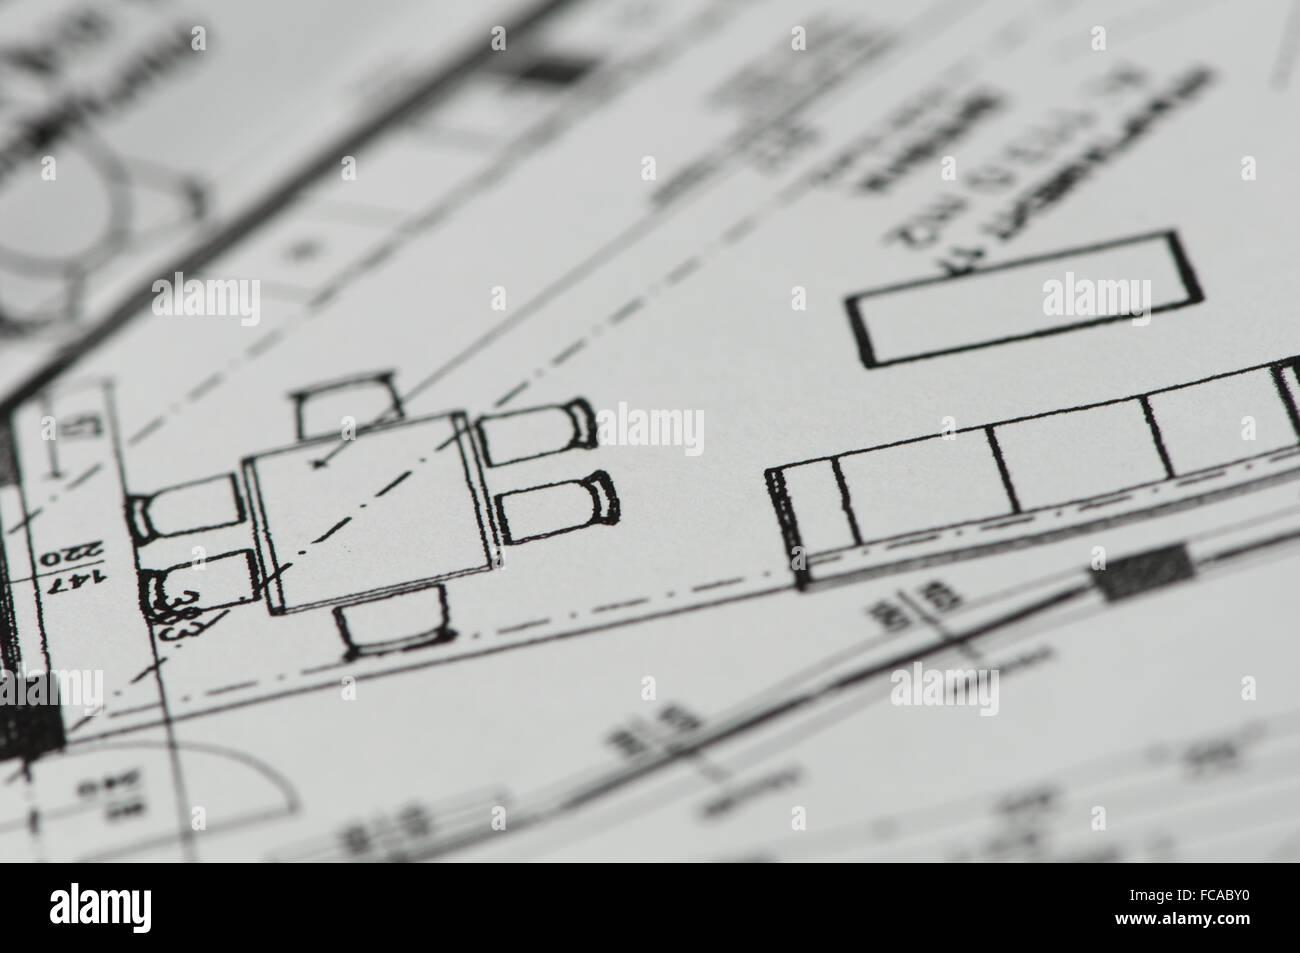 Blueprint vectorial Imagen De Stock